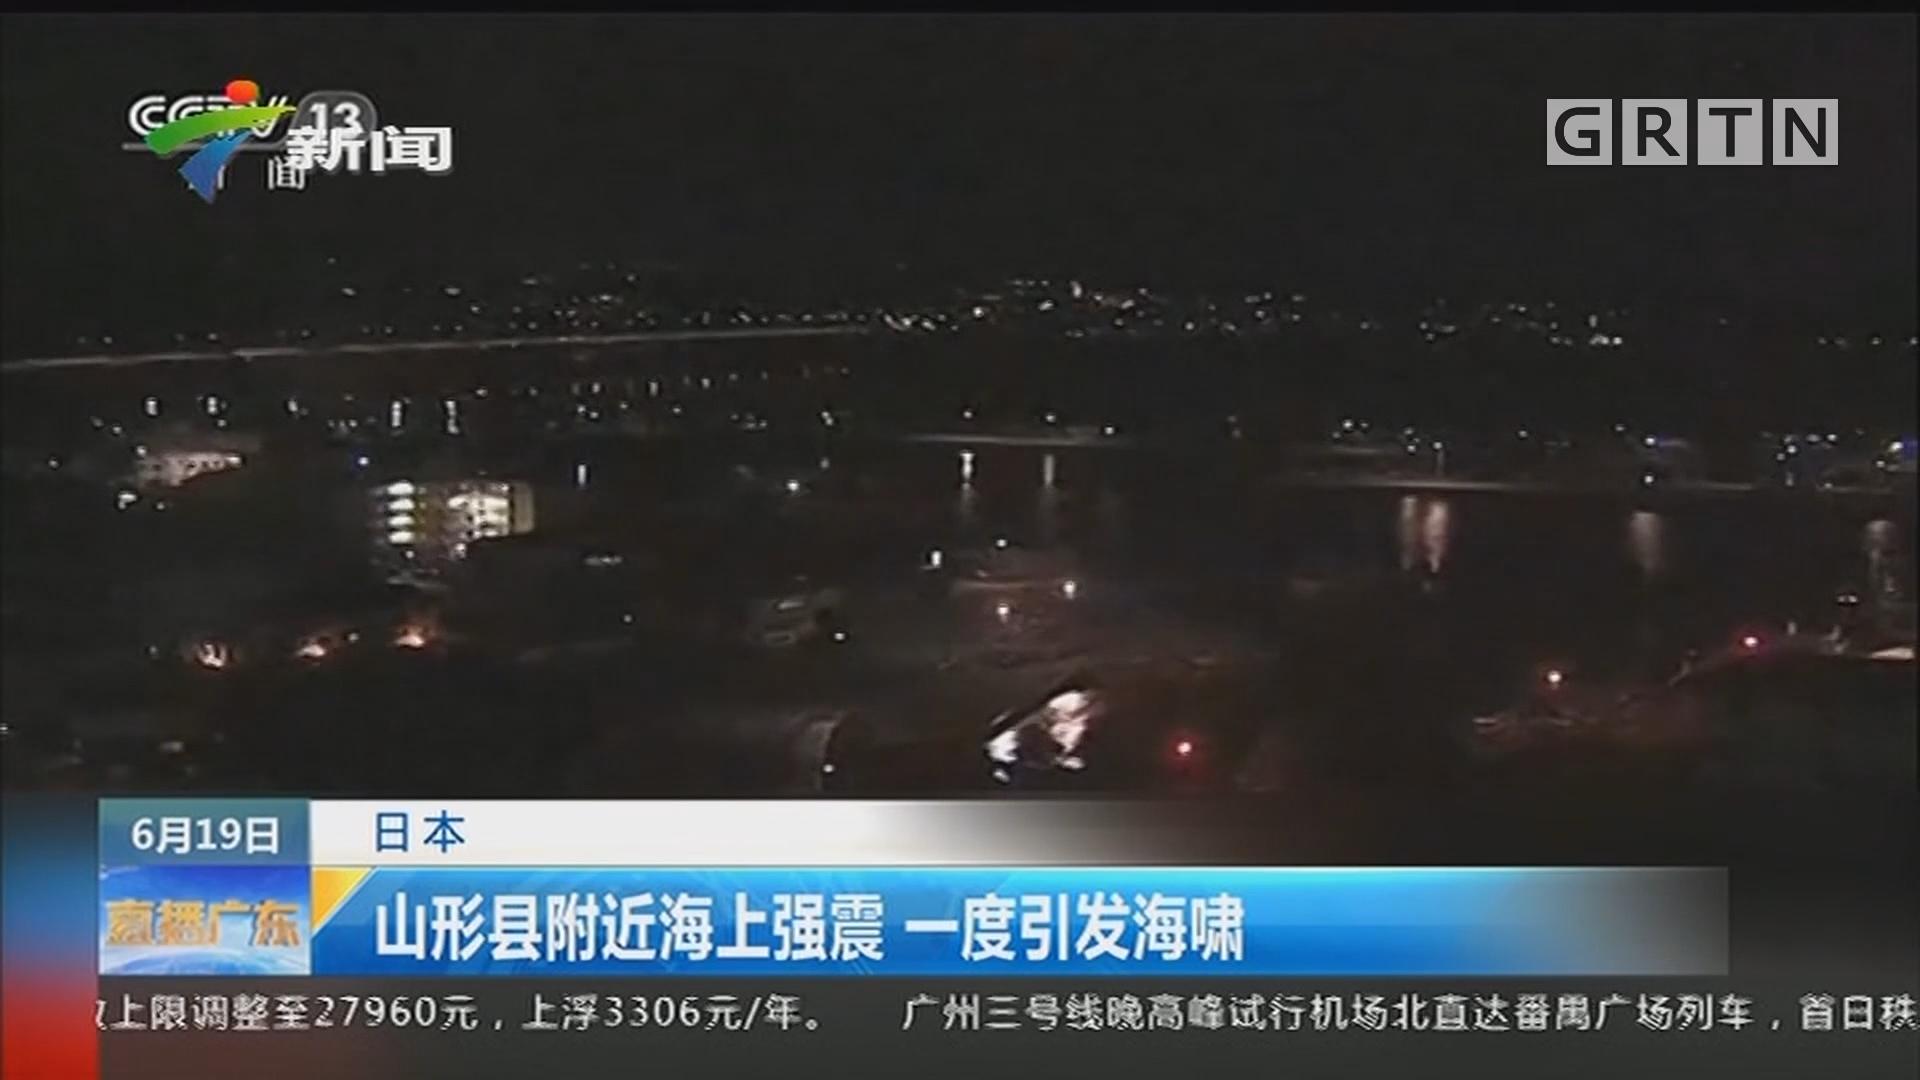 日本:山形县附近海上强震 一度引发海啸